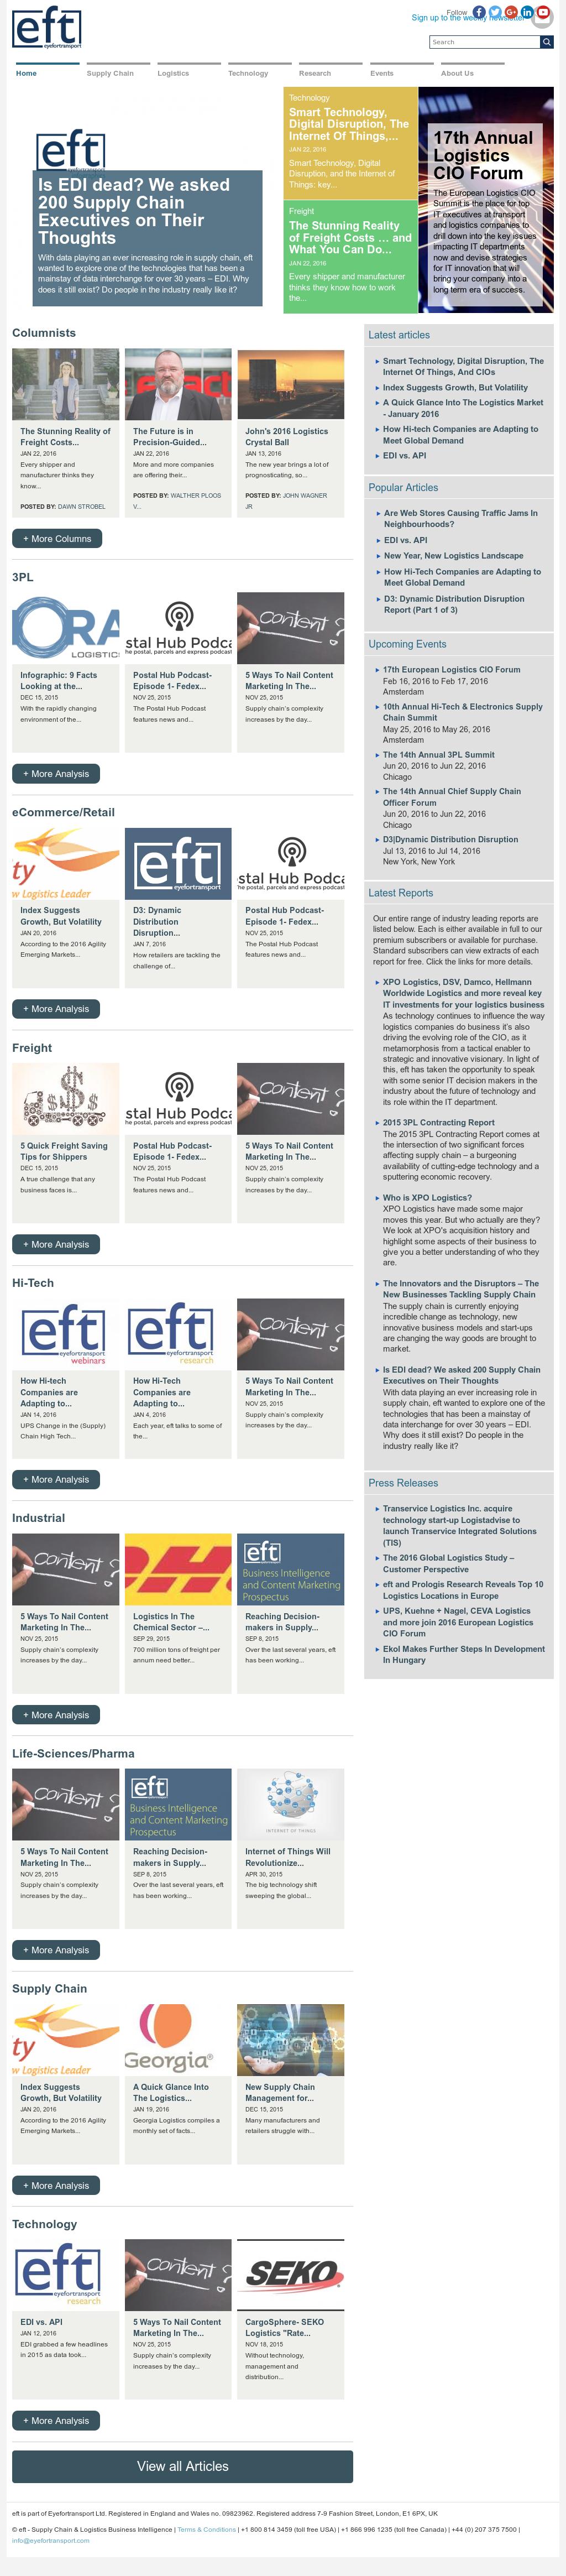 Owler Reports - Press Release: EFT : 20% of Logistics IT Executives